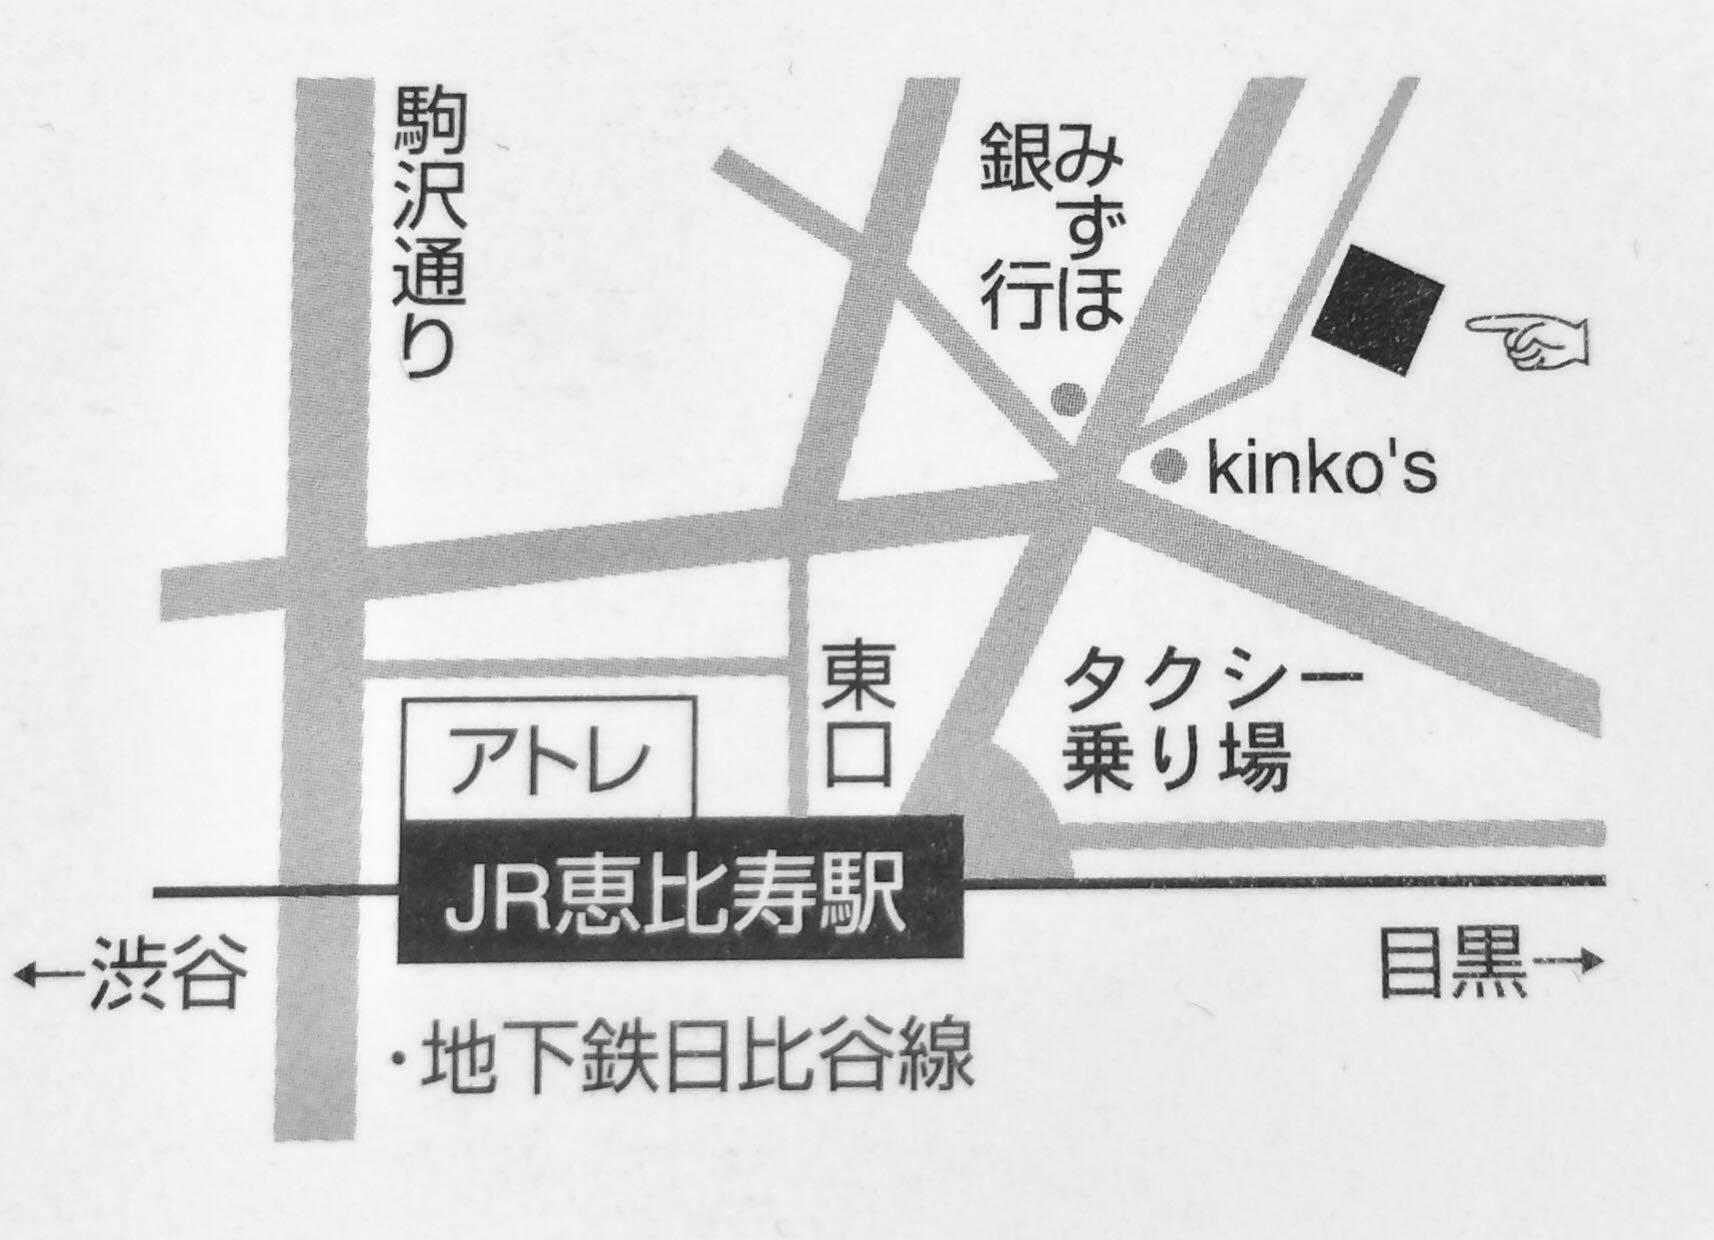 新作4/24~29 渋谷恵比寿ギャラリーMaiie(マール)にて個展します!_e0256436_11413233.jpg